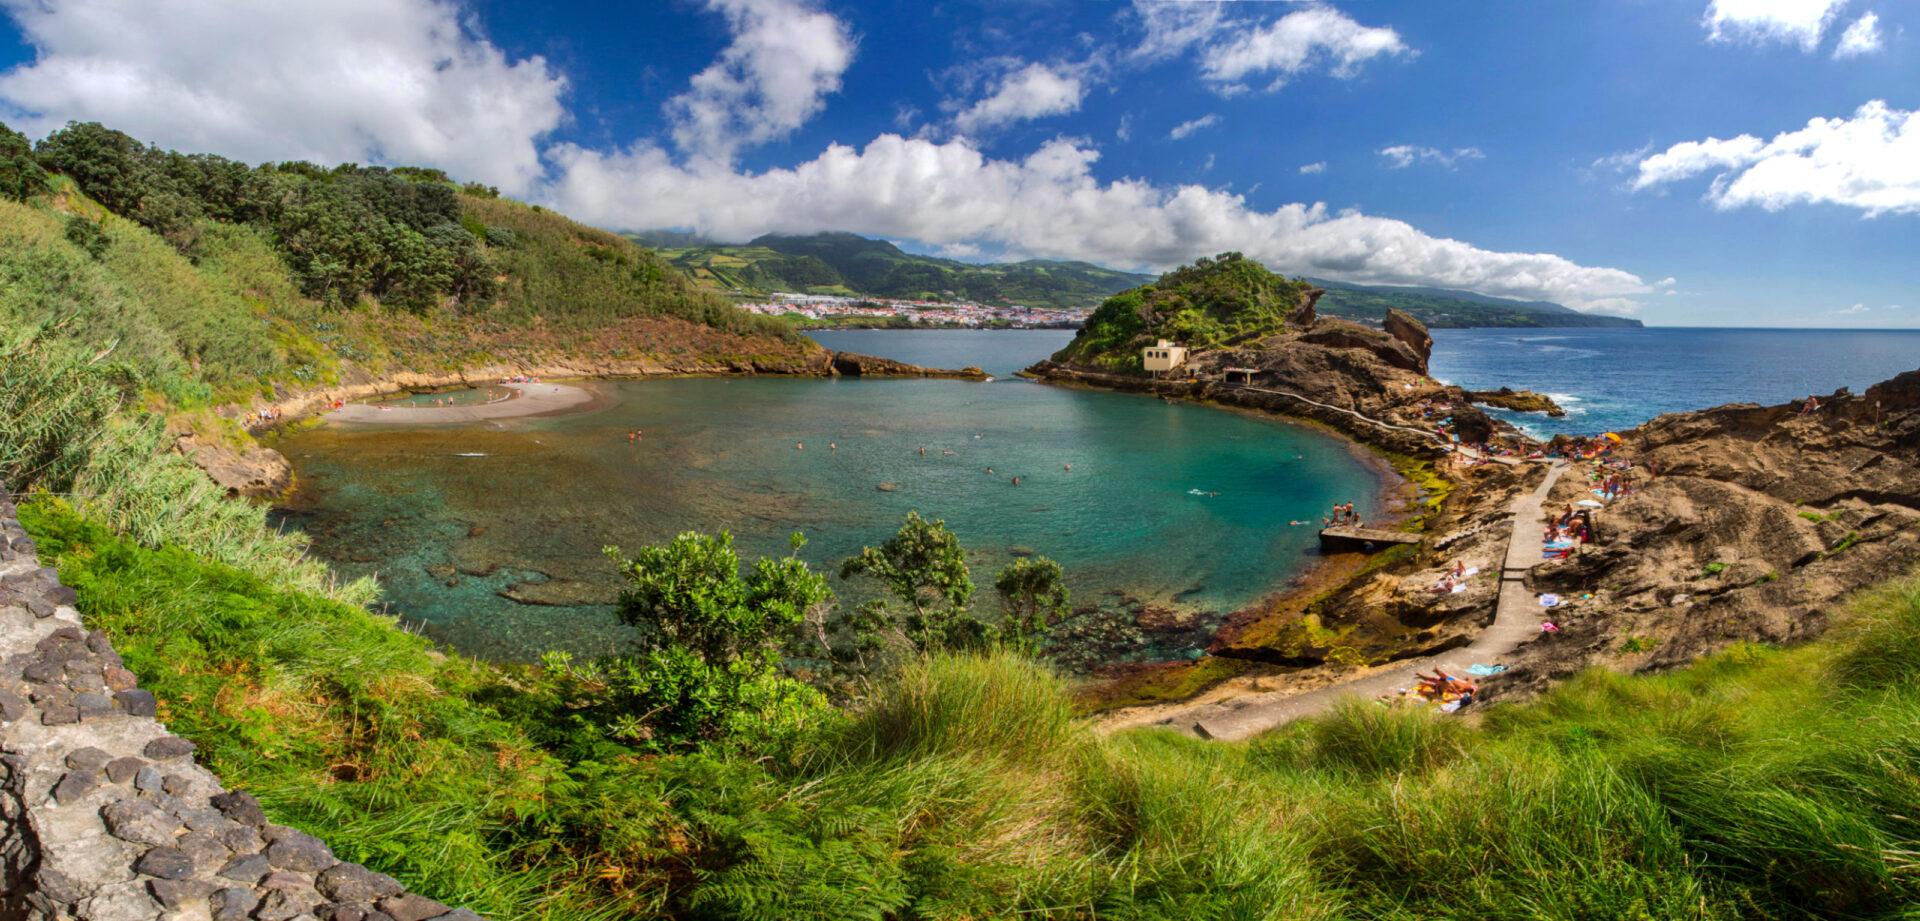 Зеленый остров Сан-Мигель